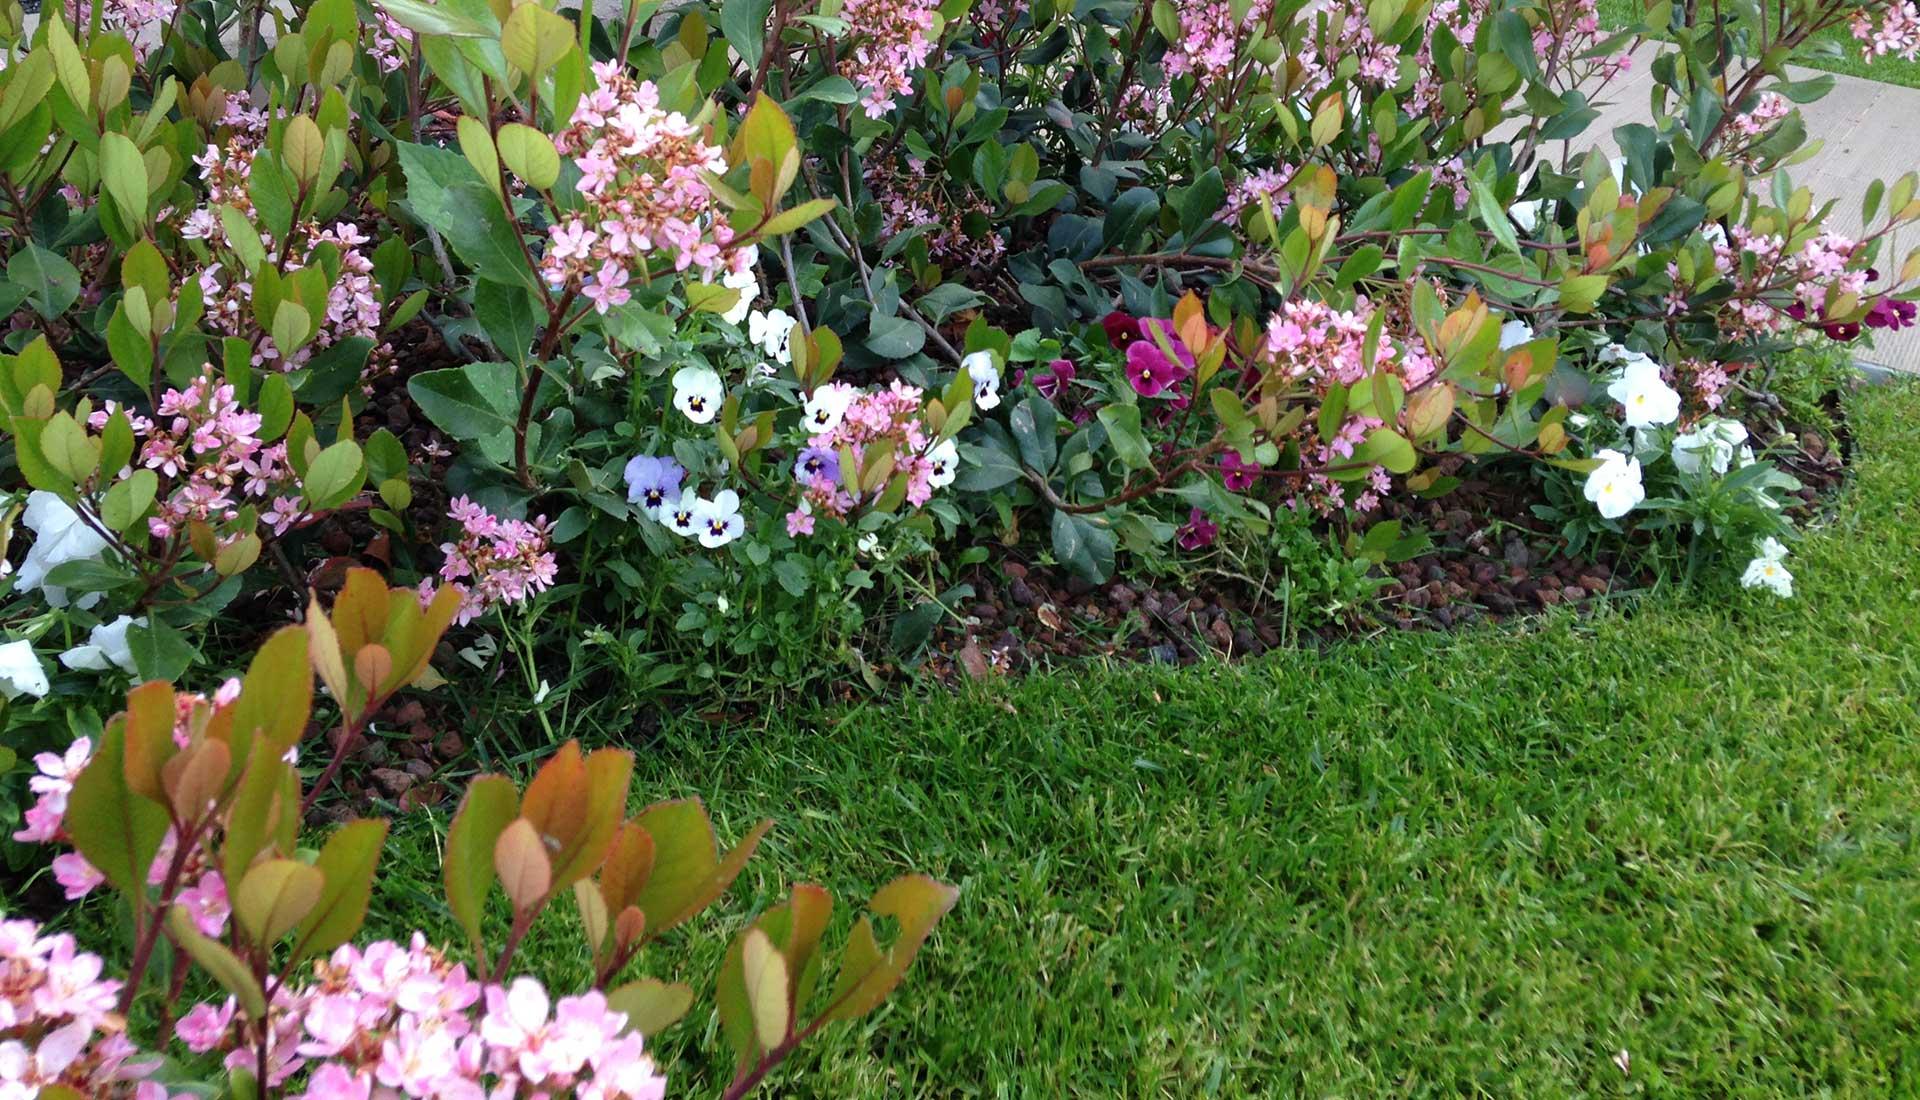 forbici-progettare-giardini-fiori